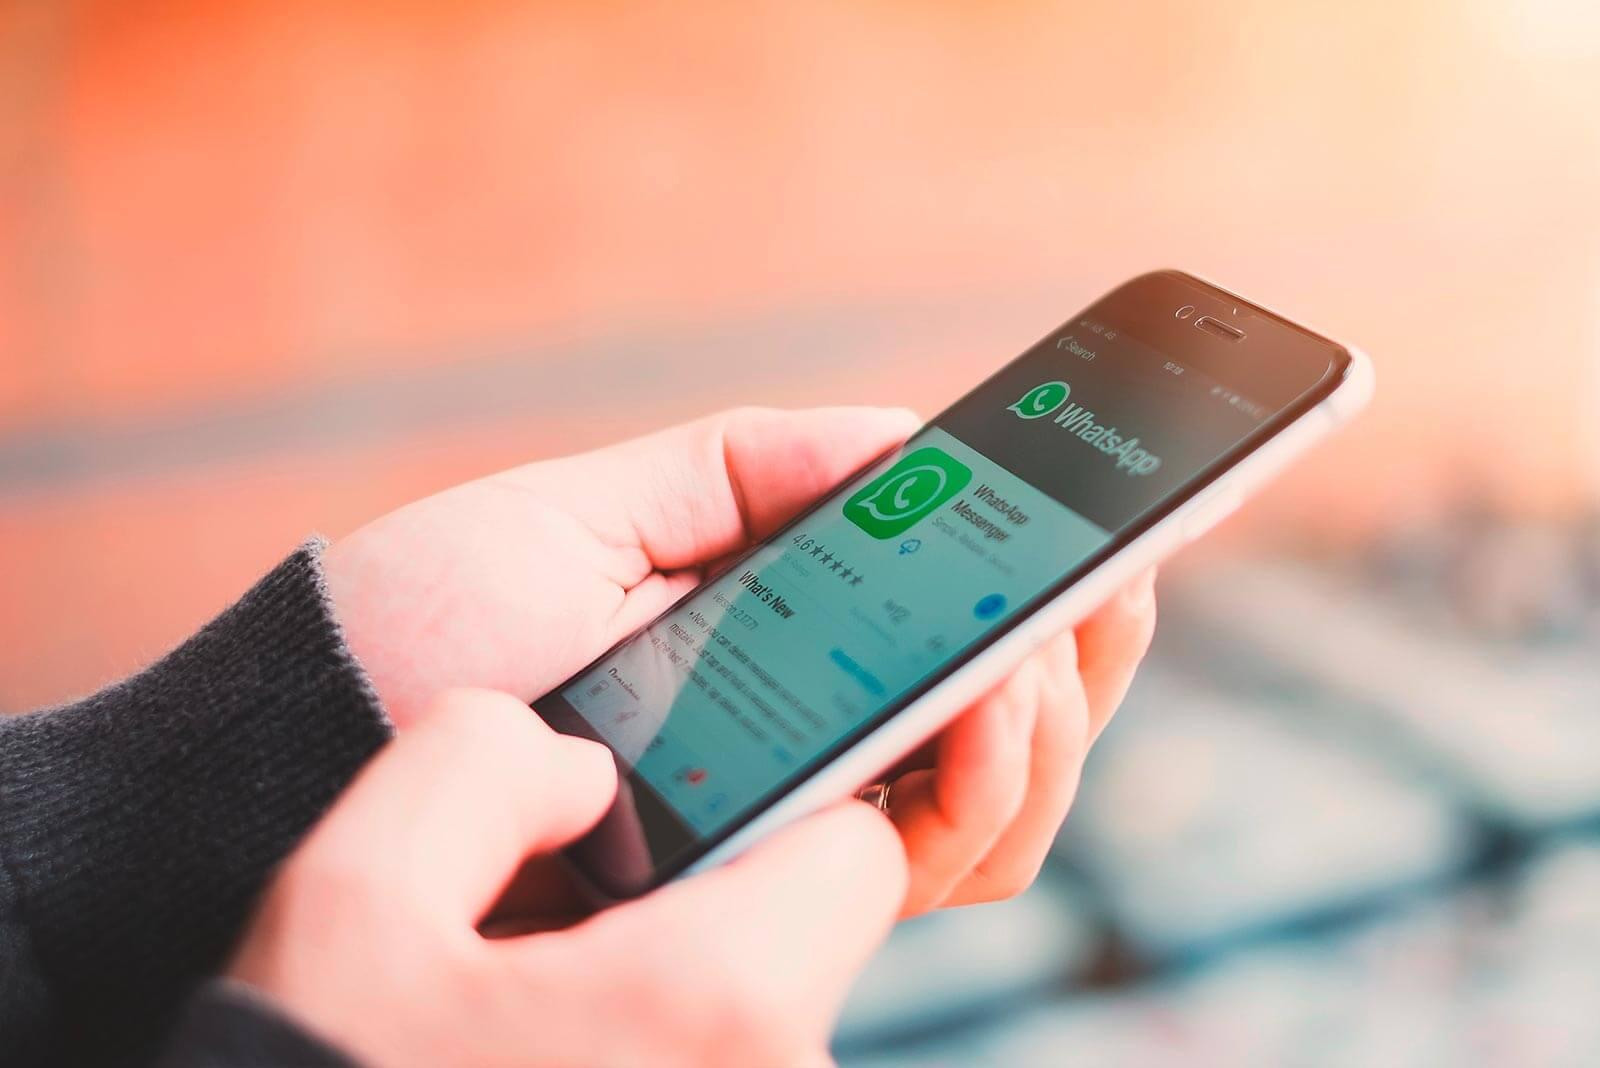 WhatsApp Business: Háblale a tus clientes como si fueran amigos